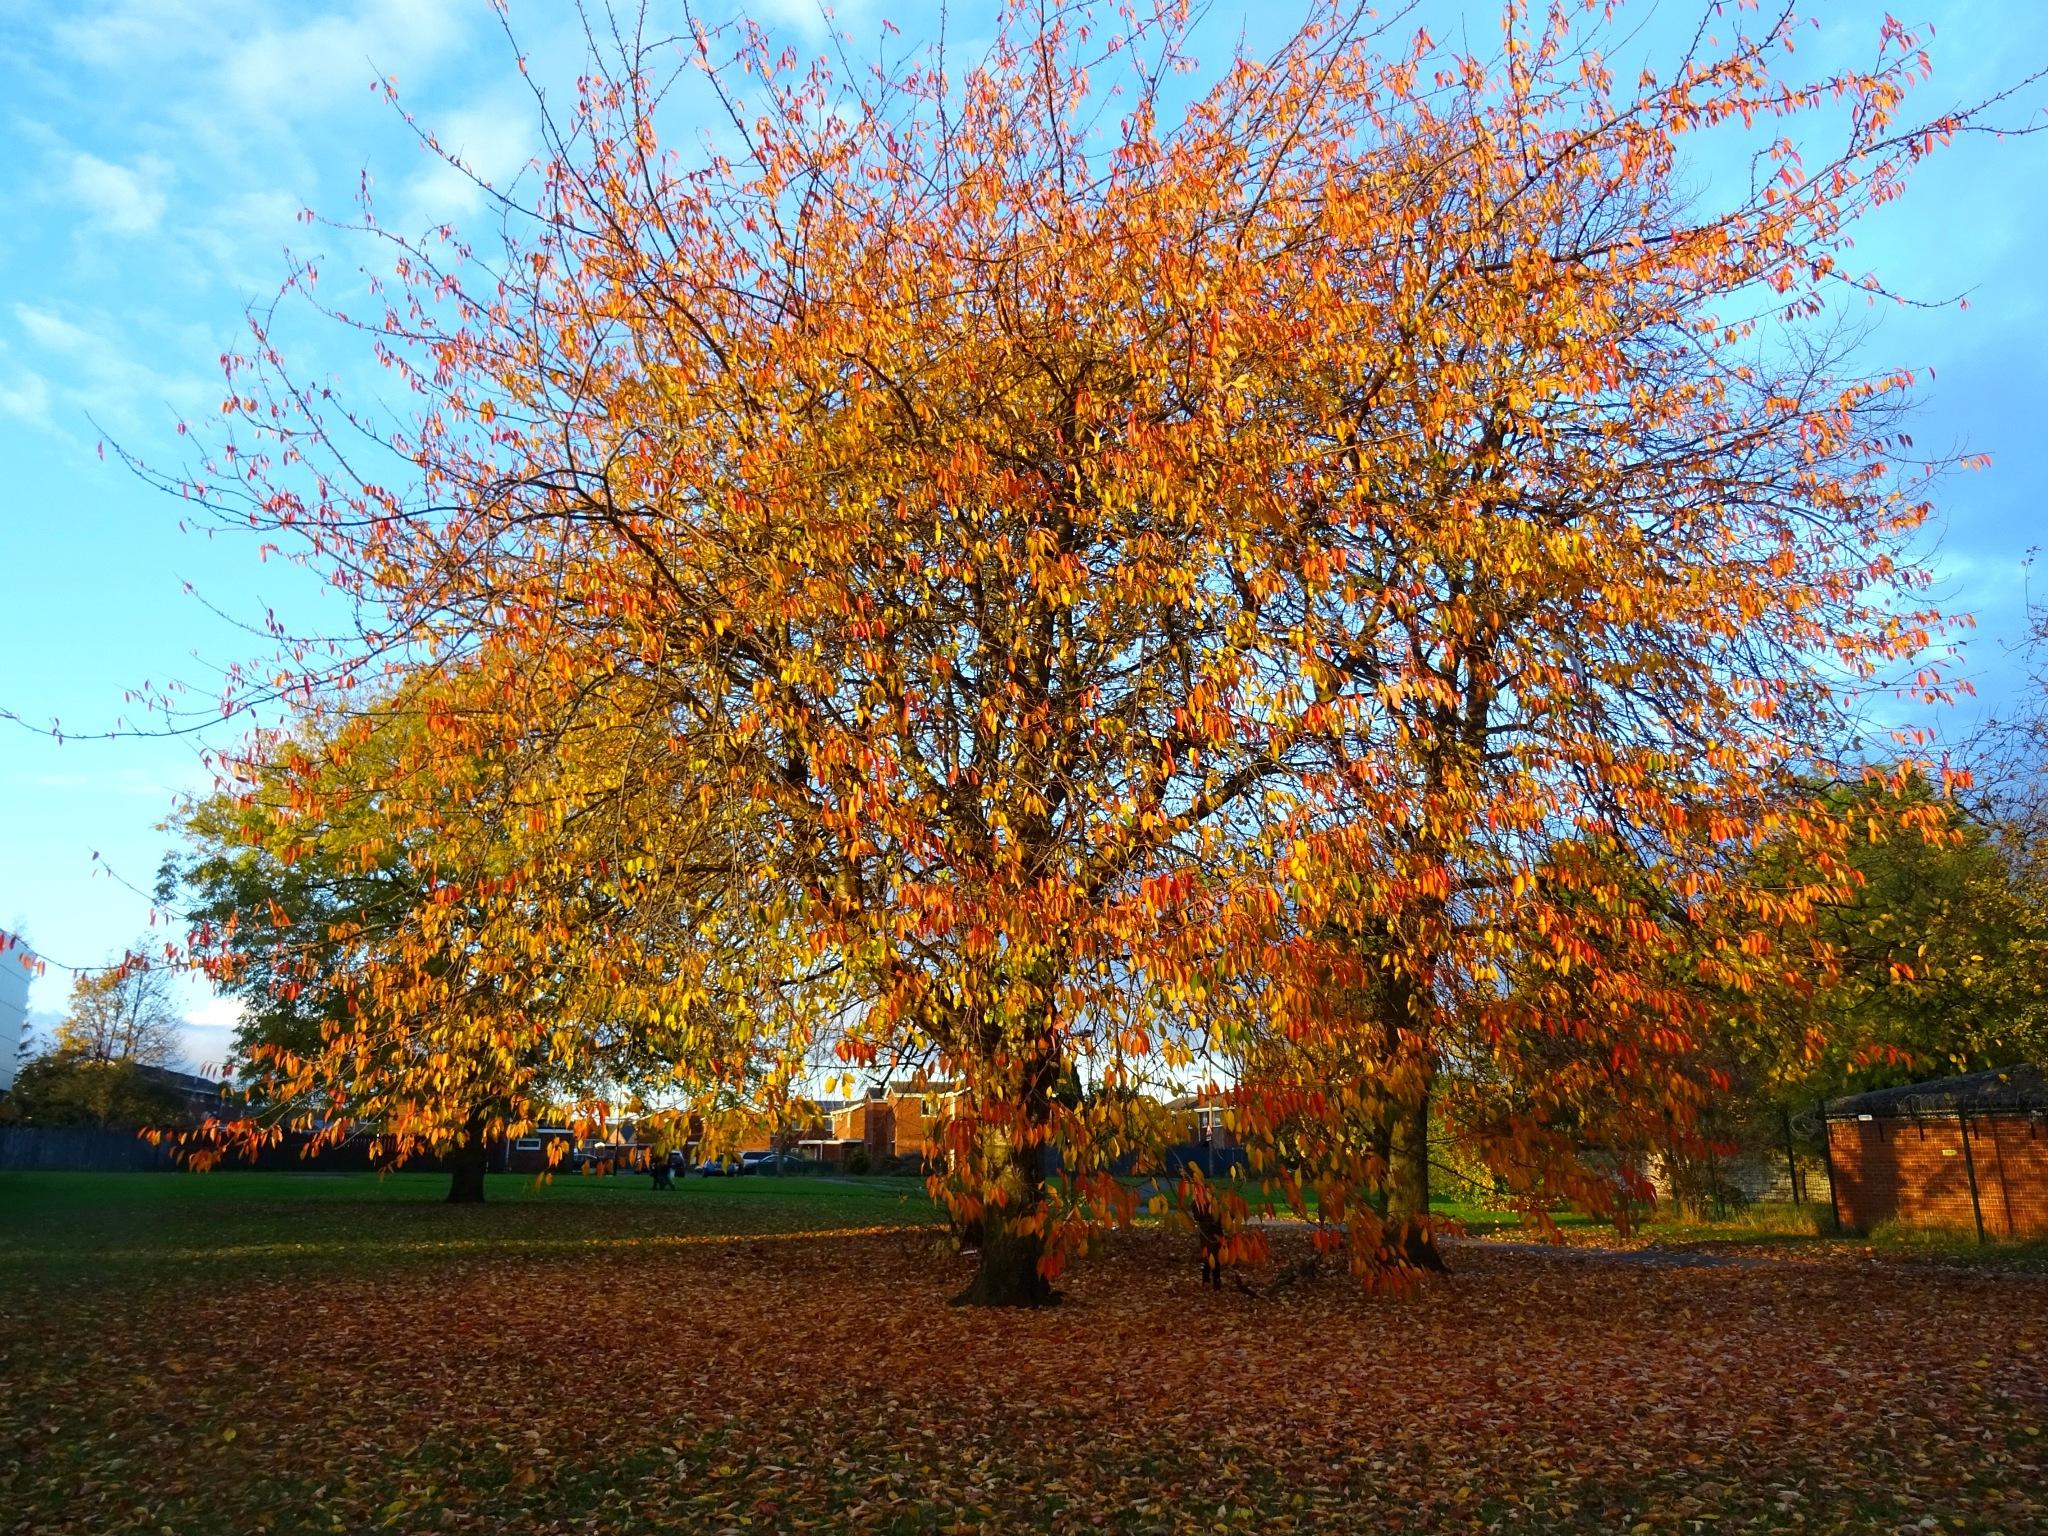 Stunning autumn tree by HelenKir